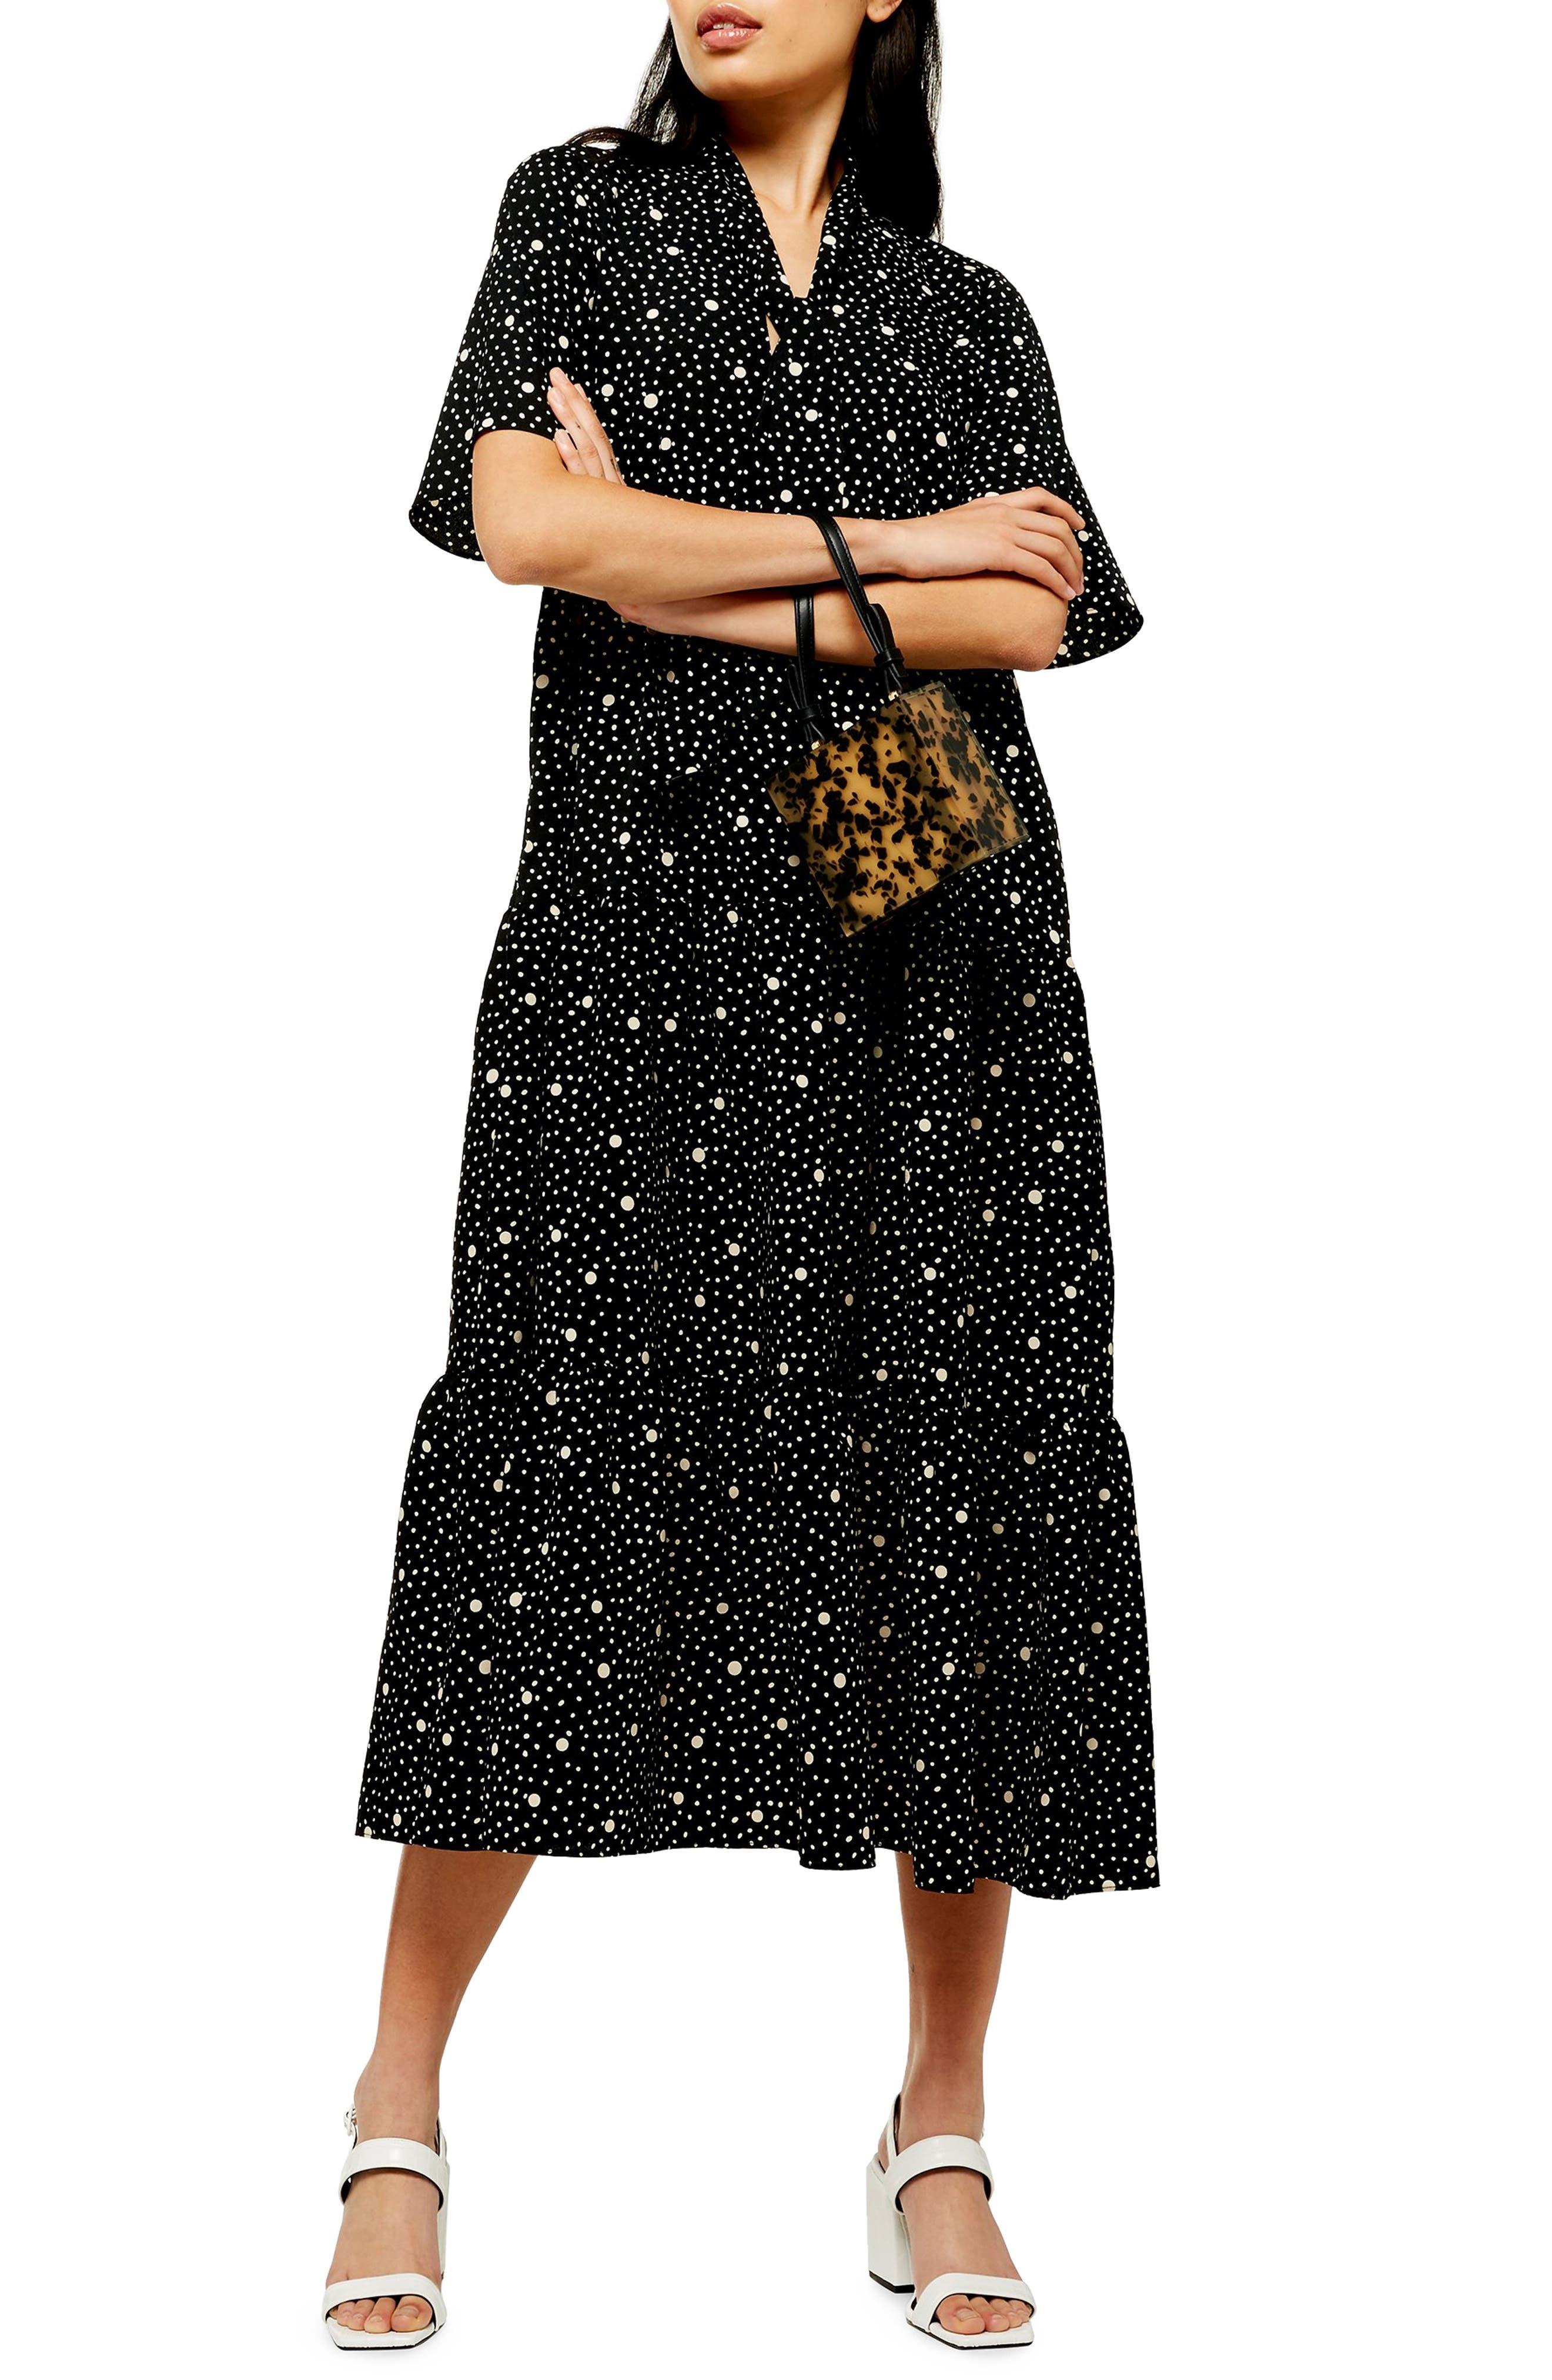 Topshop Spot Print Tie Neck Midi Dress, US (fits like 0-2) - Black